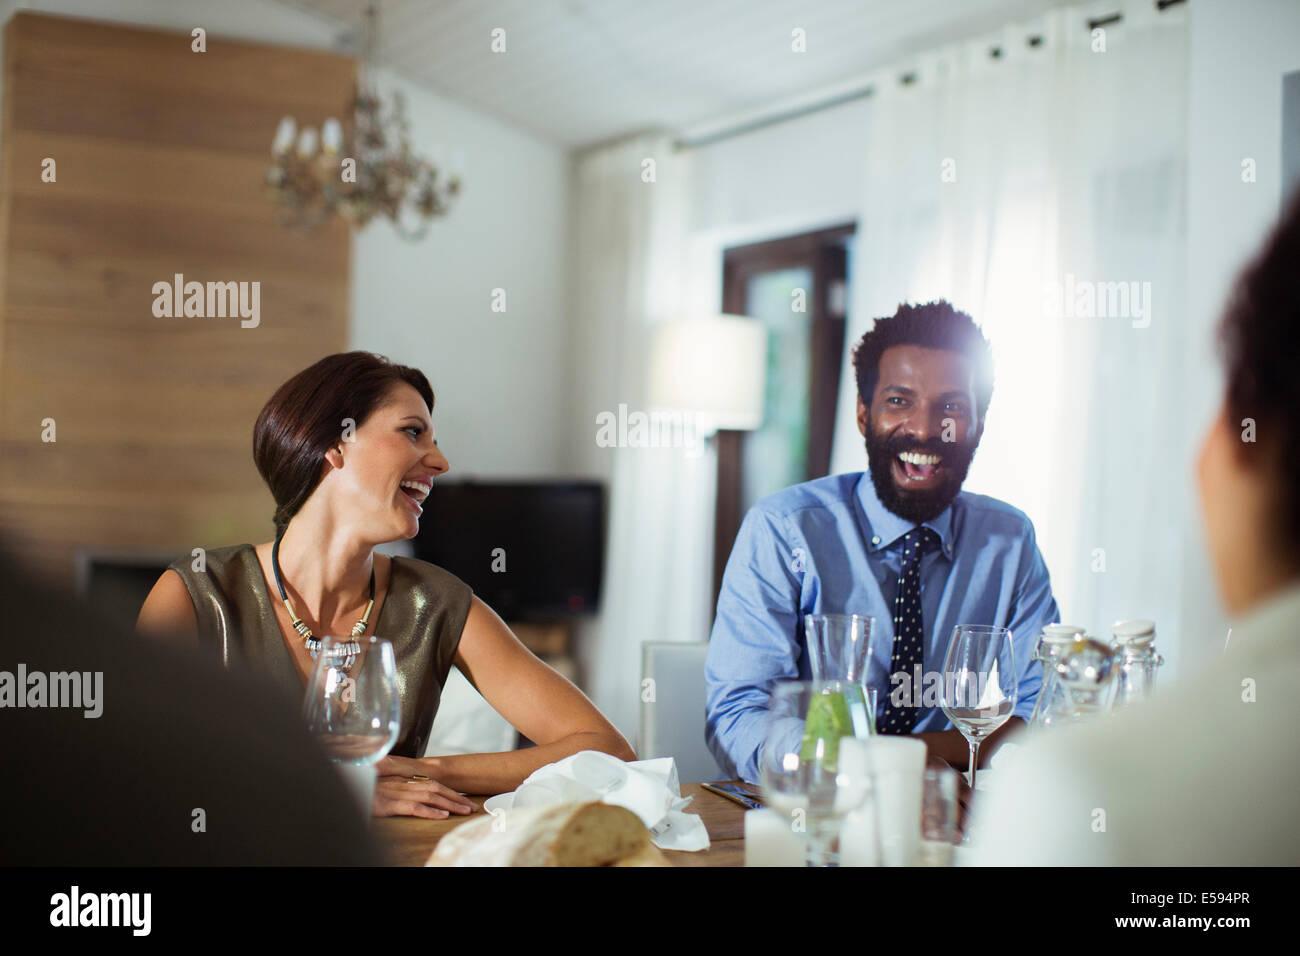 Amigos riendo de cena Imagen De Stock